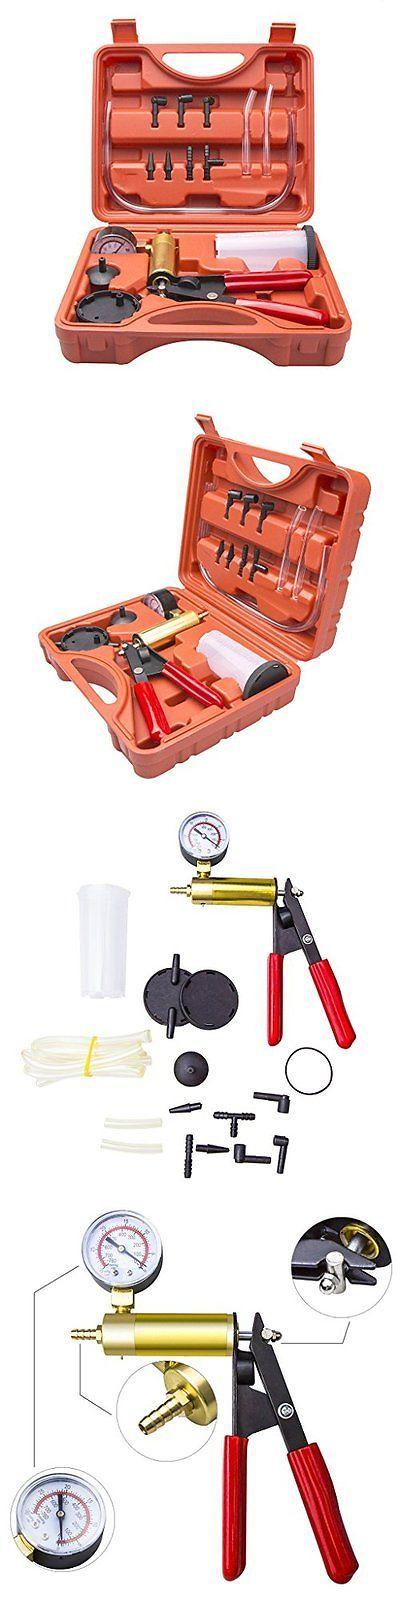 Multi-Tools 46459: Ouryes Hand Held Vacuum Pump Tester Set Vacuum Gauge And Brake Bleeder Kit Fo... -> BUY IT NOW ONLY: $33.45 on eBay!